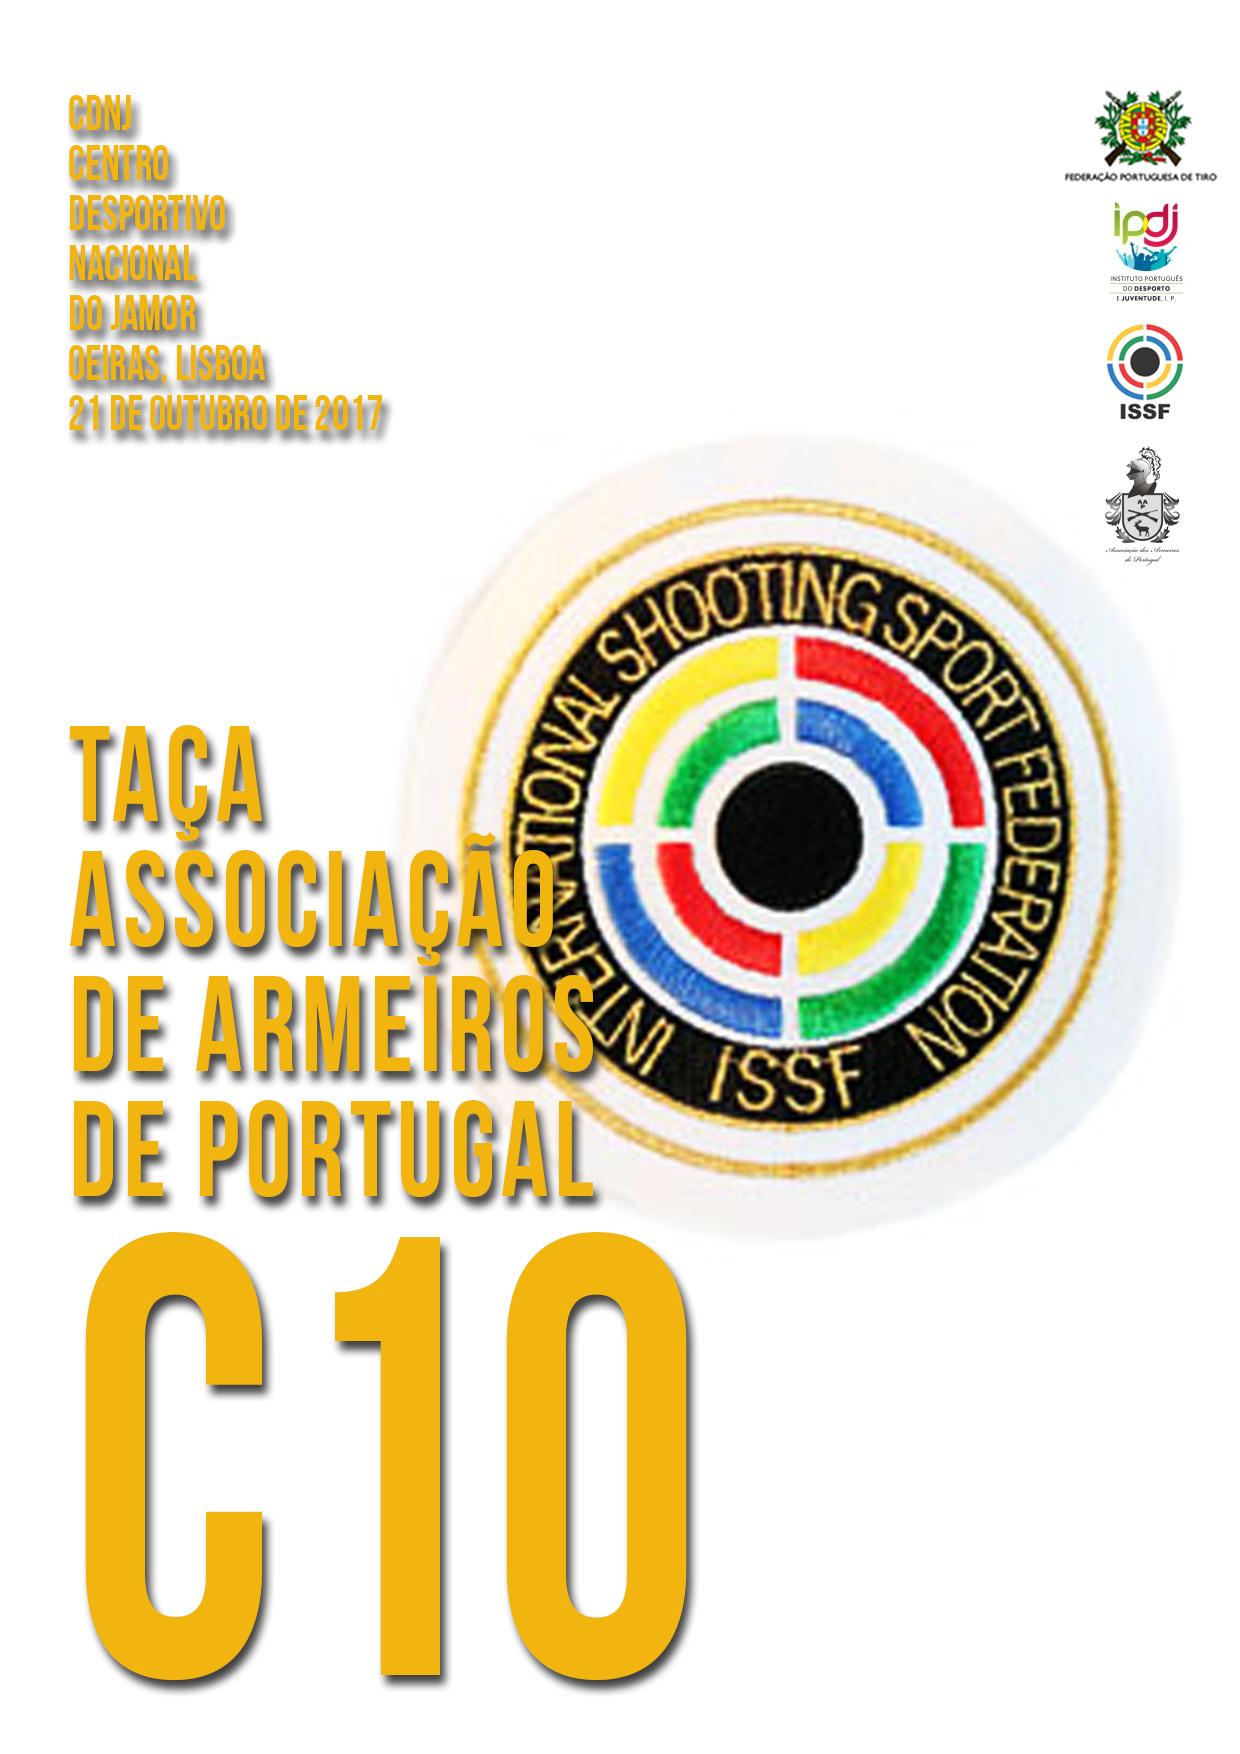 Taça Associação de Armeiros C10 2017